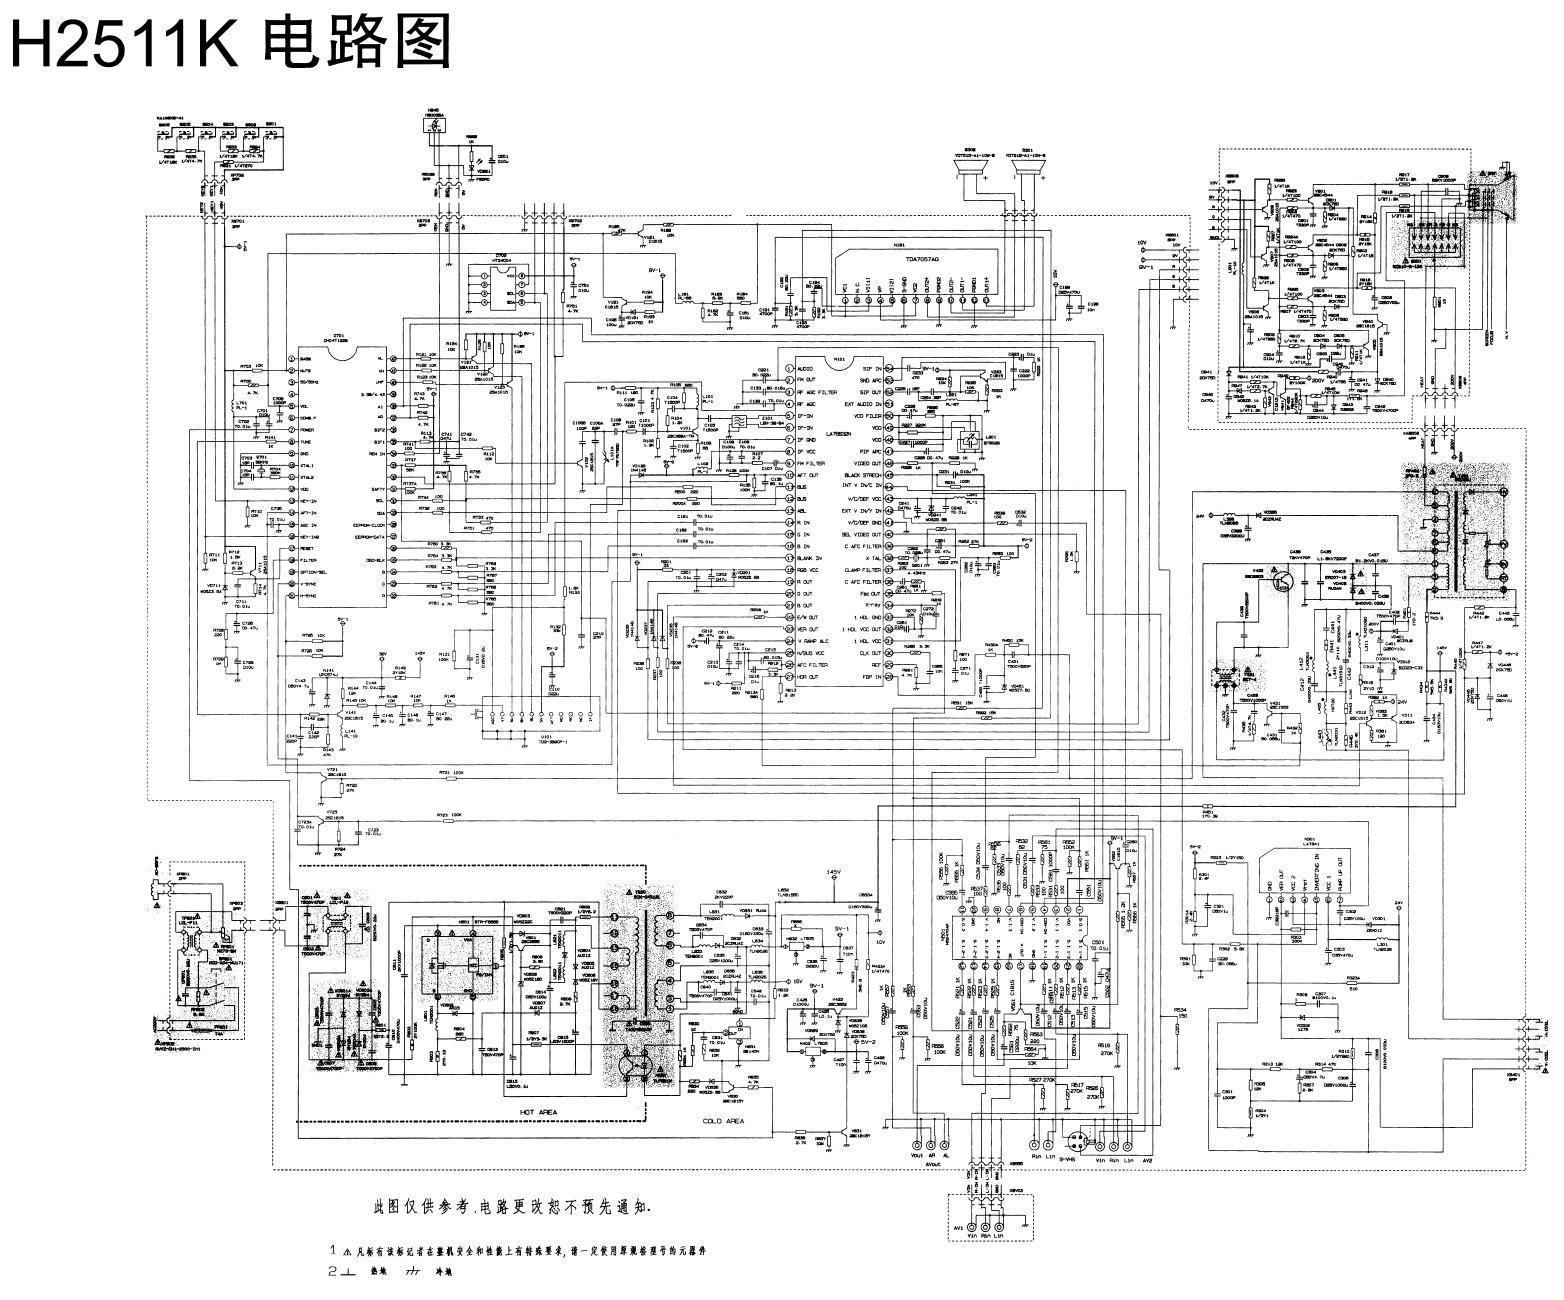 长虹h2511k电路图